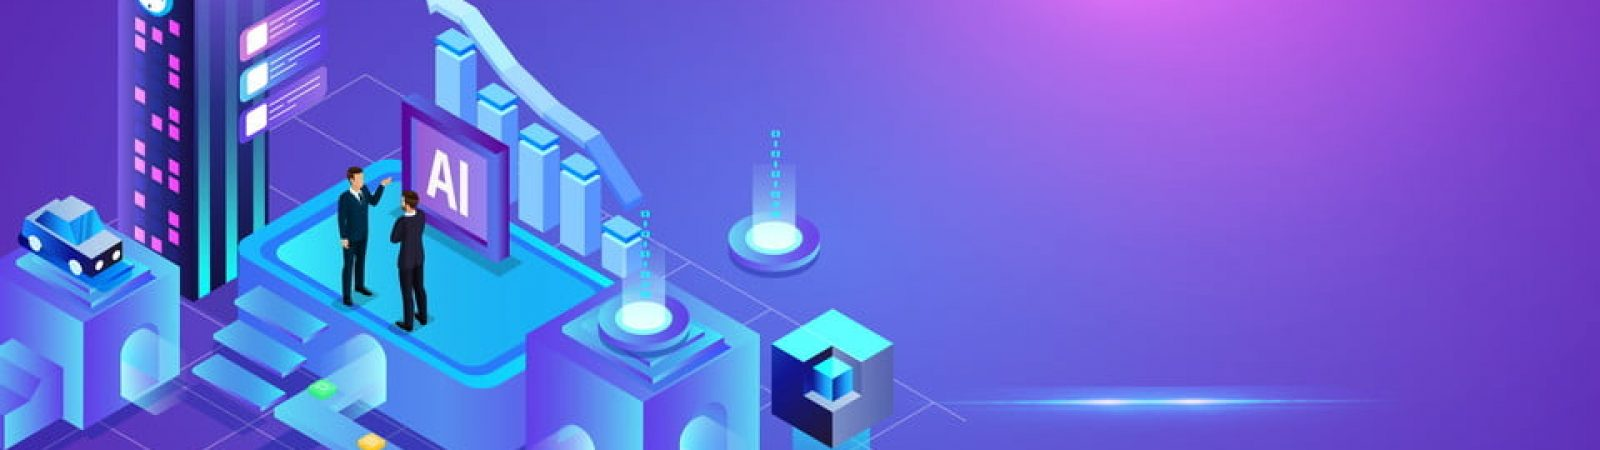 pngtree-modern-technology-intelligent-ai-era-background-design-backgroundintelligent-ai-technologypsd-image_75384